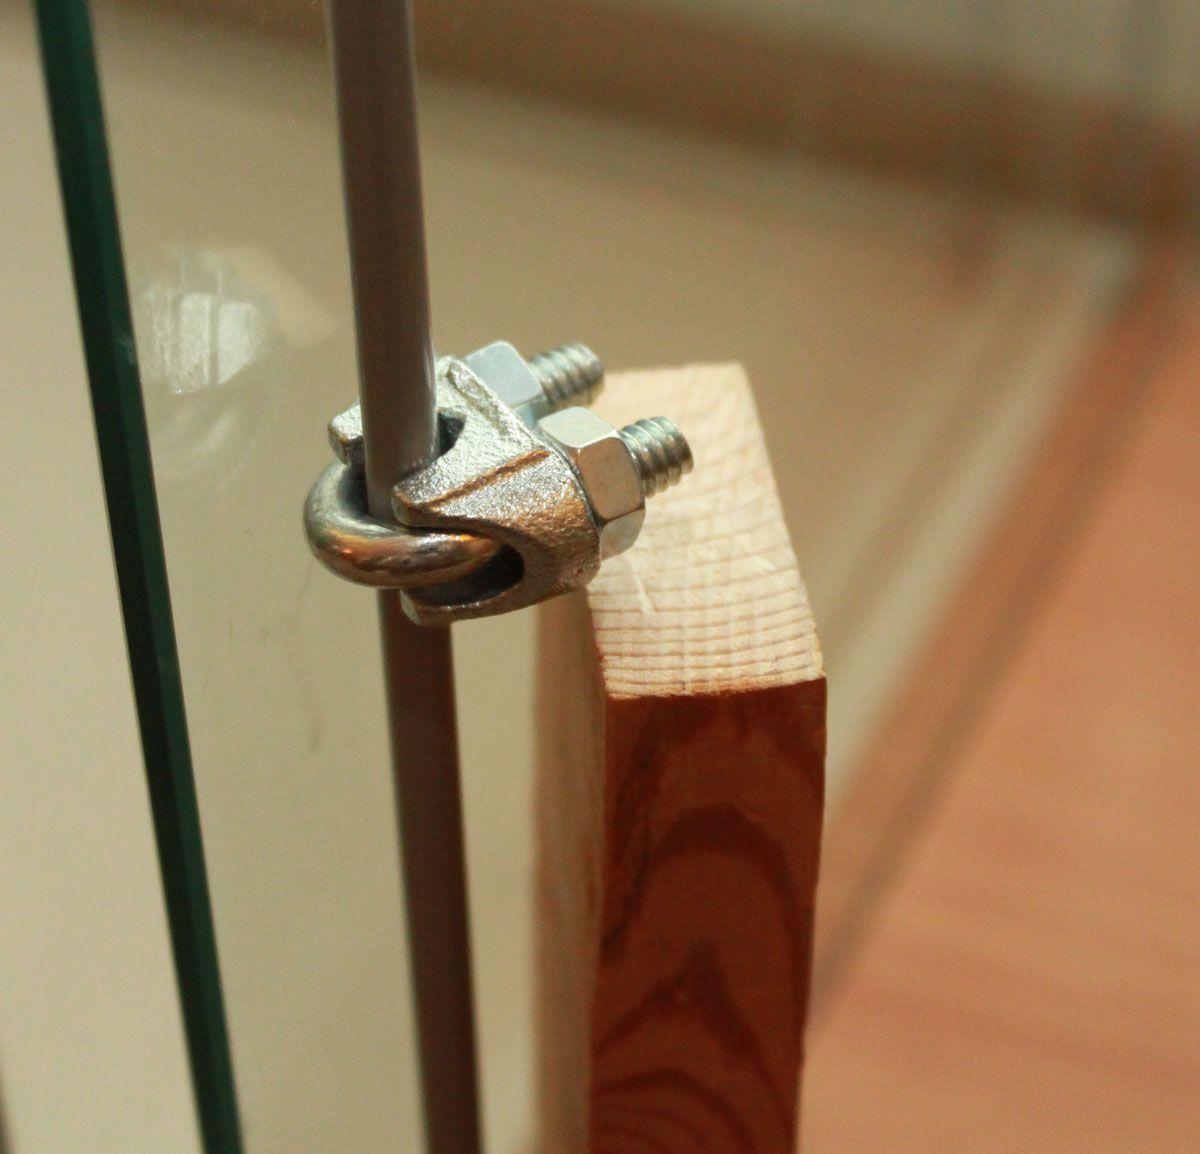 Shelf brackets for IKEA DETOLF add extra shelves